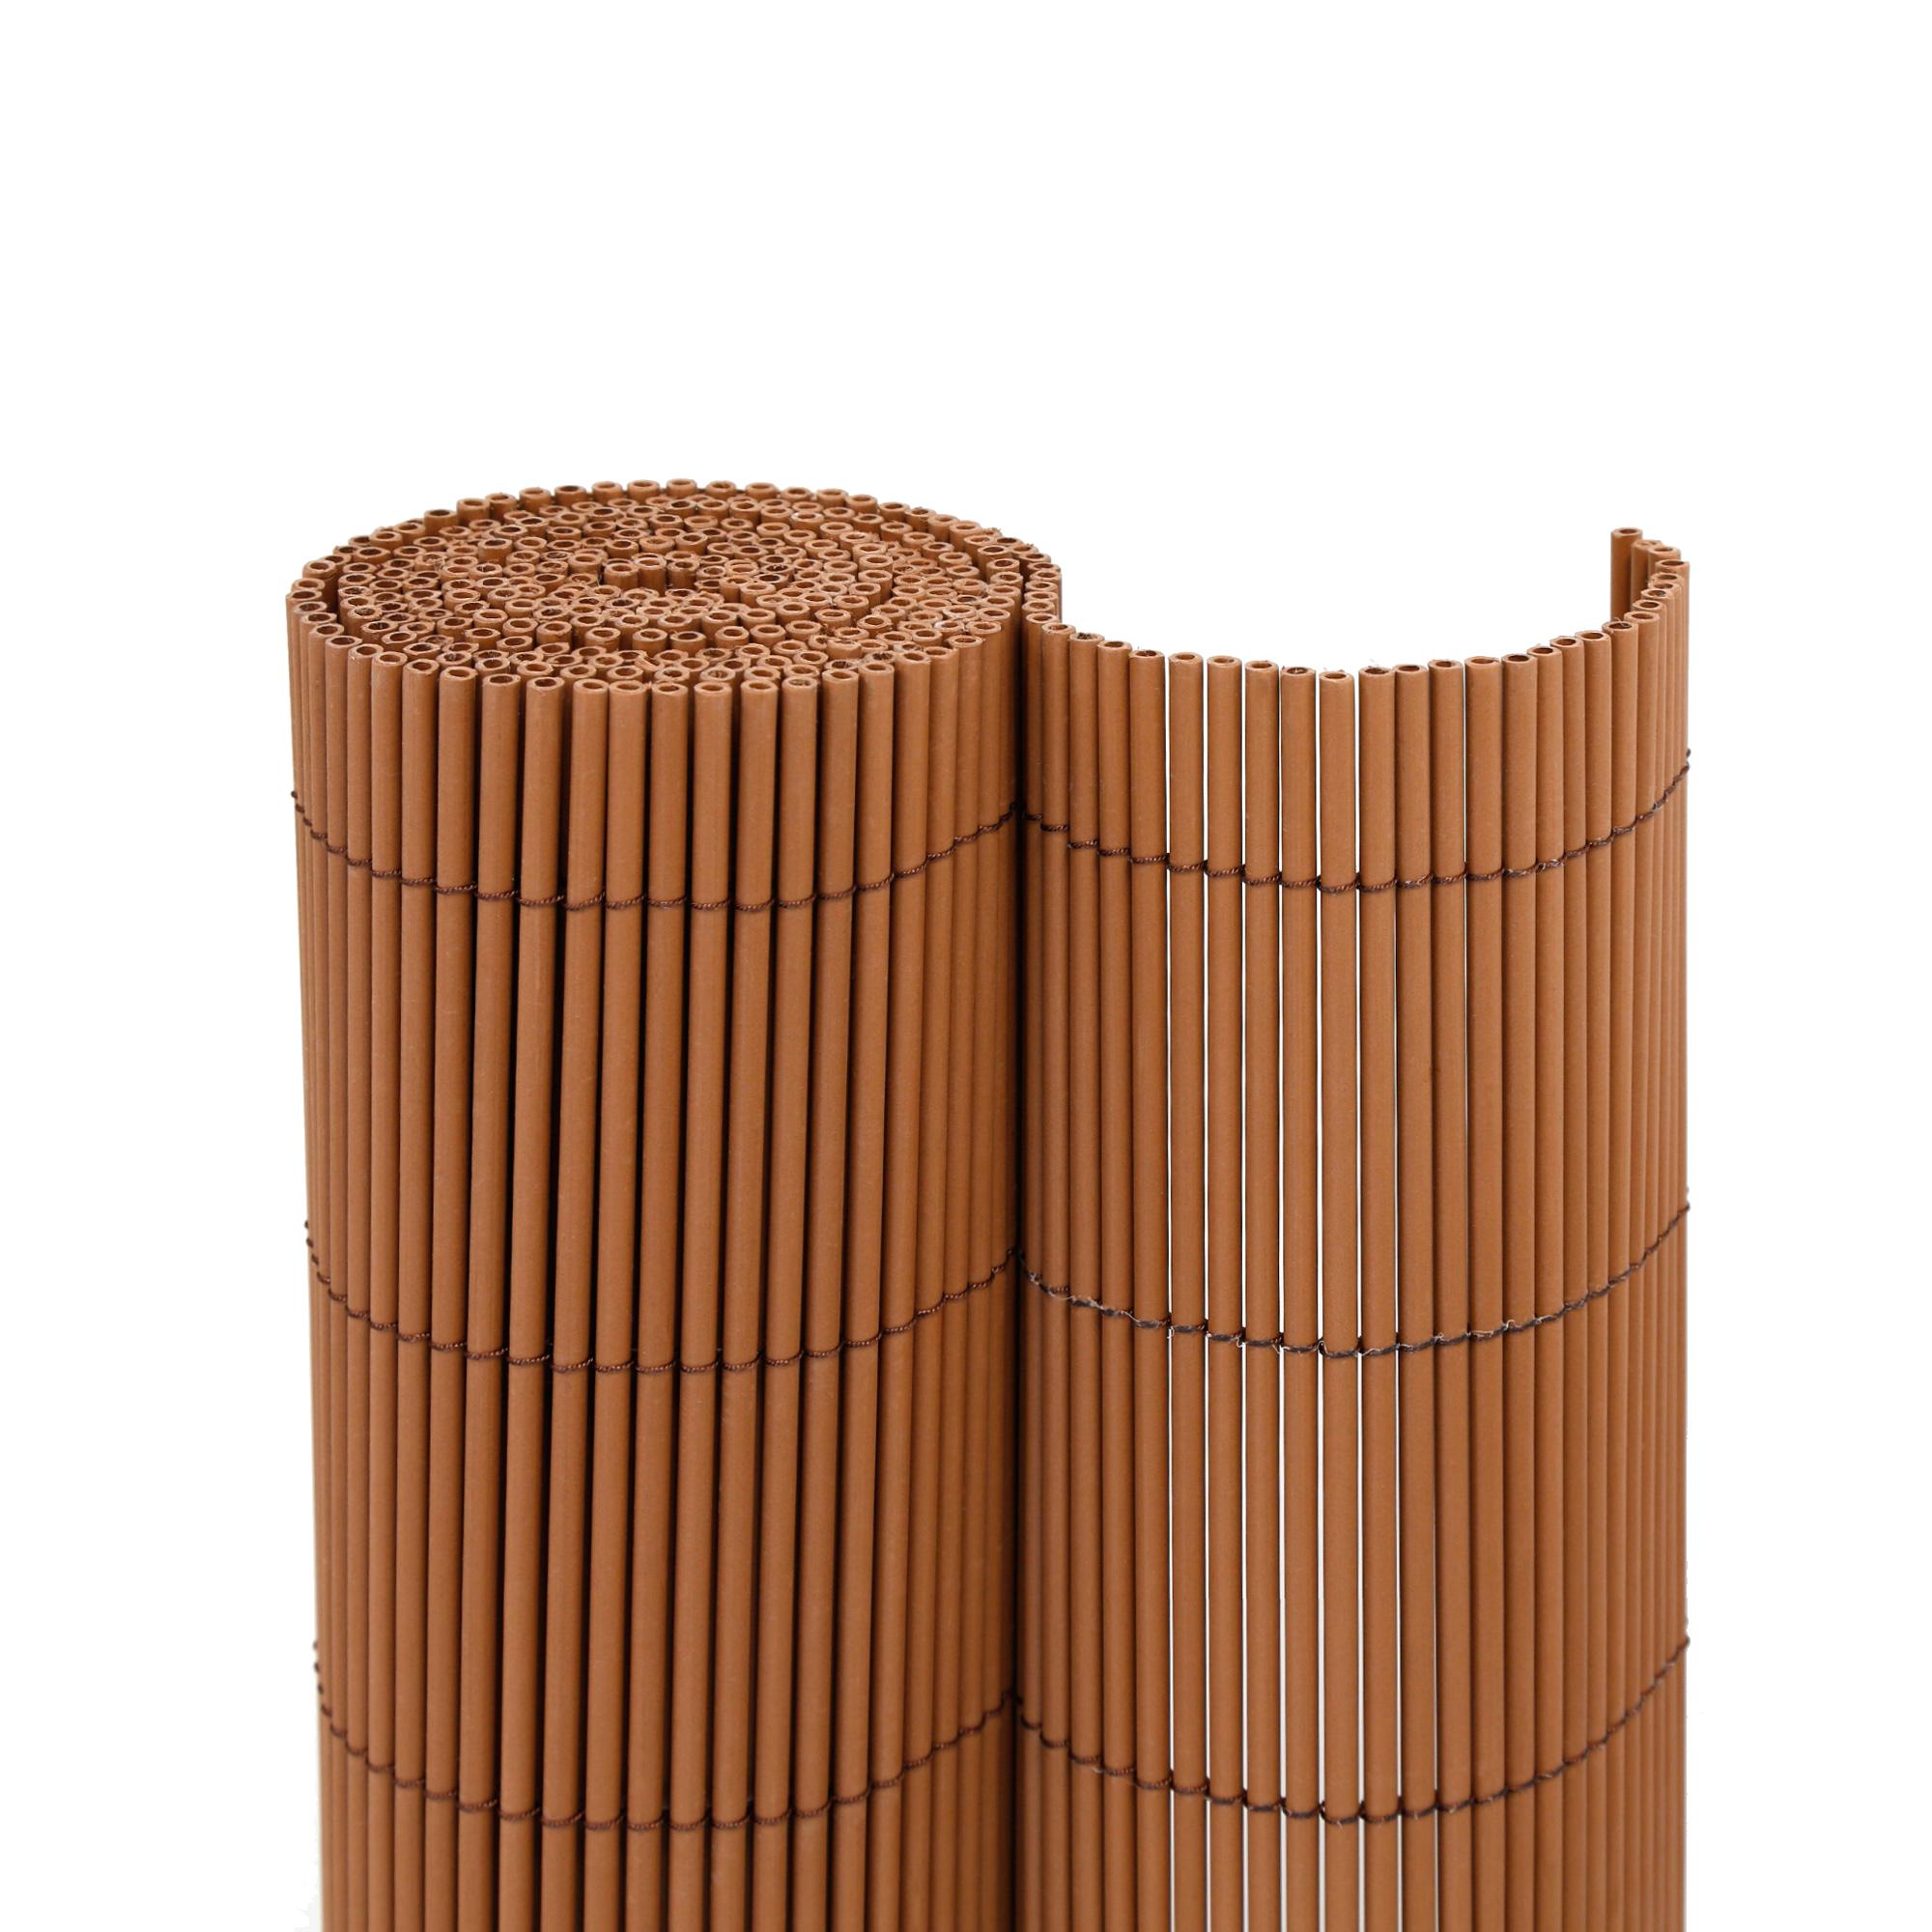 Kunststoff Sichtschutzmatten In Holzoptik Grill More